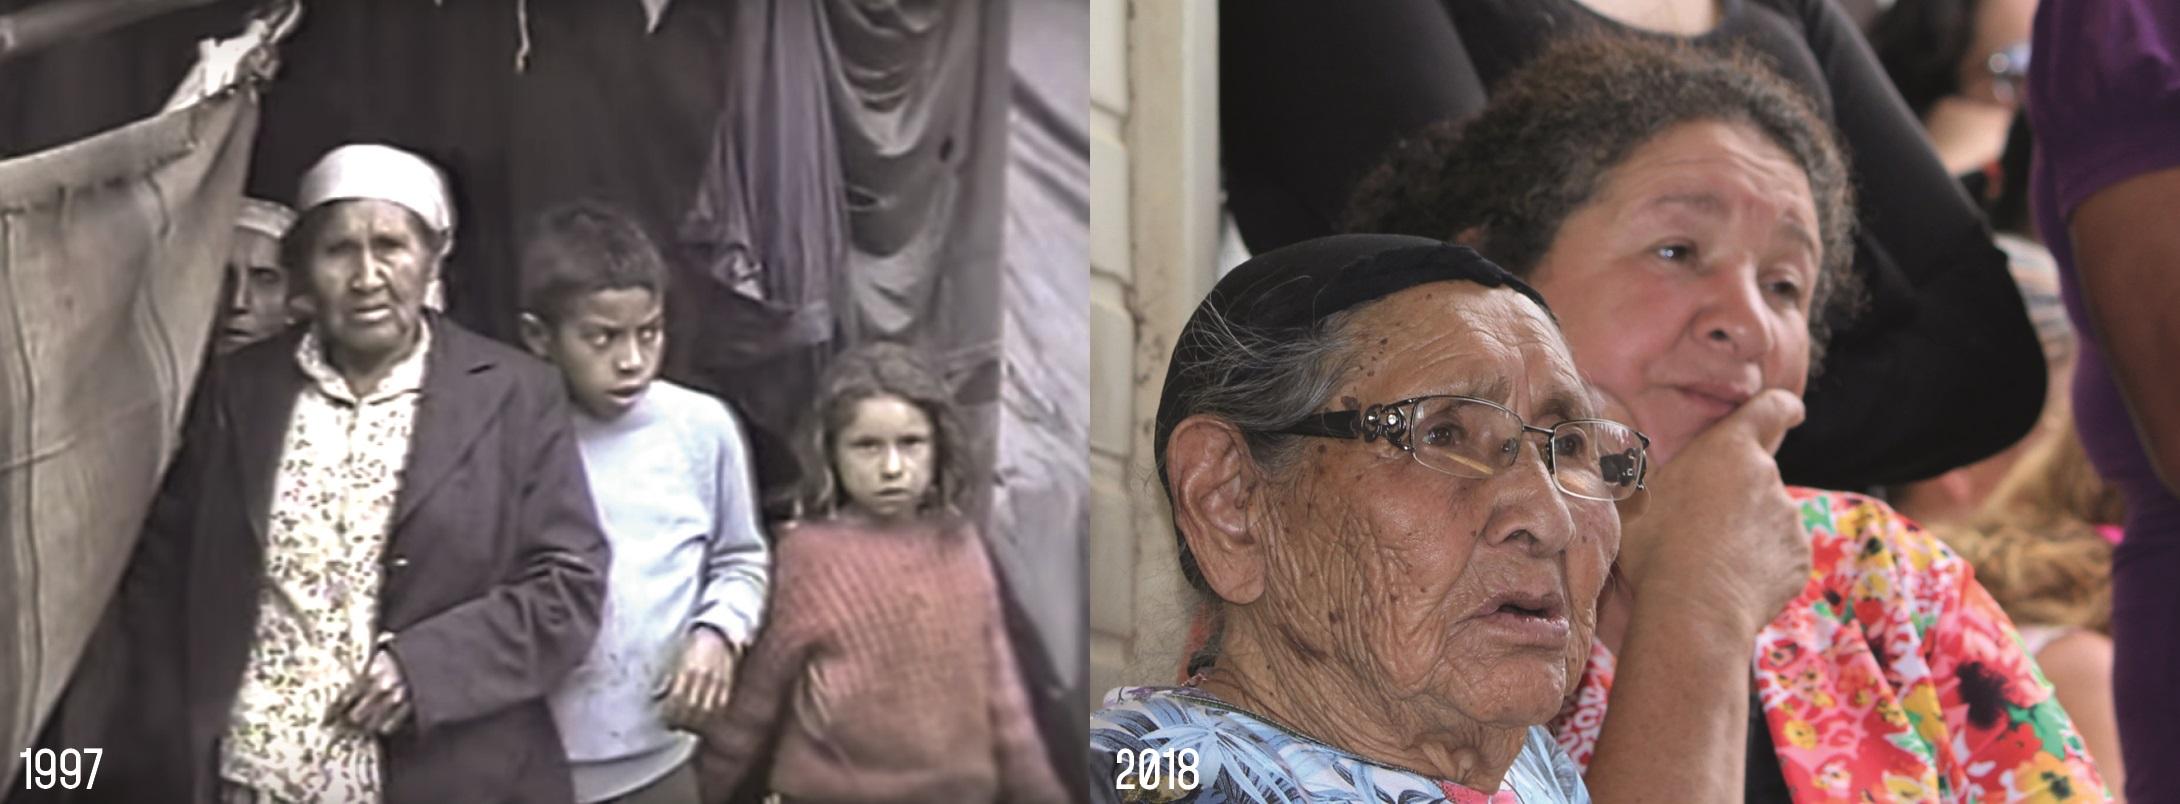 Dona Ondina Marques, uma resistente, em dois momentos: em 1997, no Barranco; em 2018, em reunião da Comunidade. Imagens: Documentario Paiol de Telha/Lizely Borges